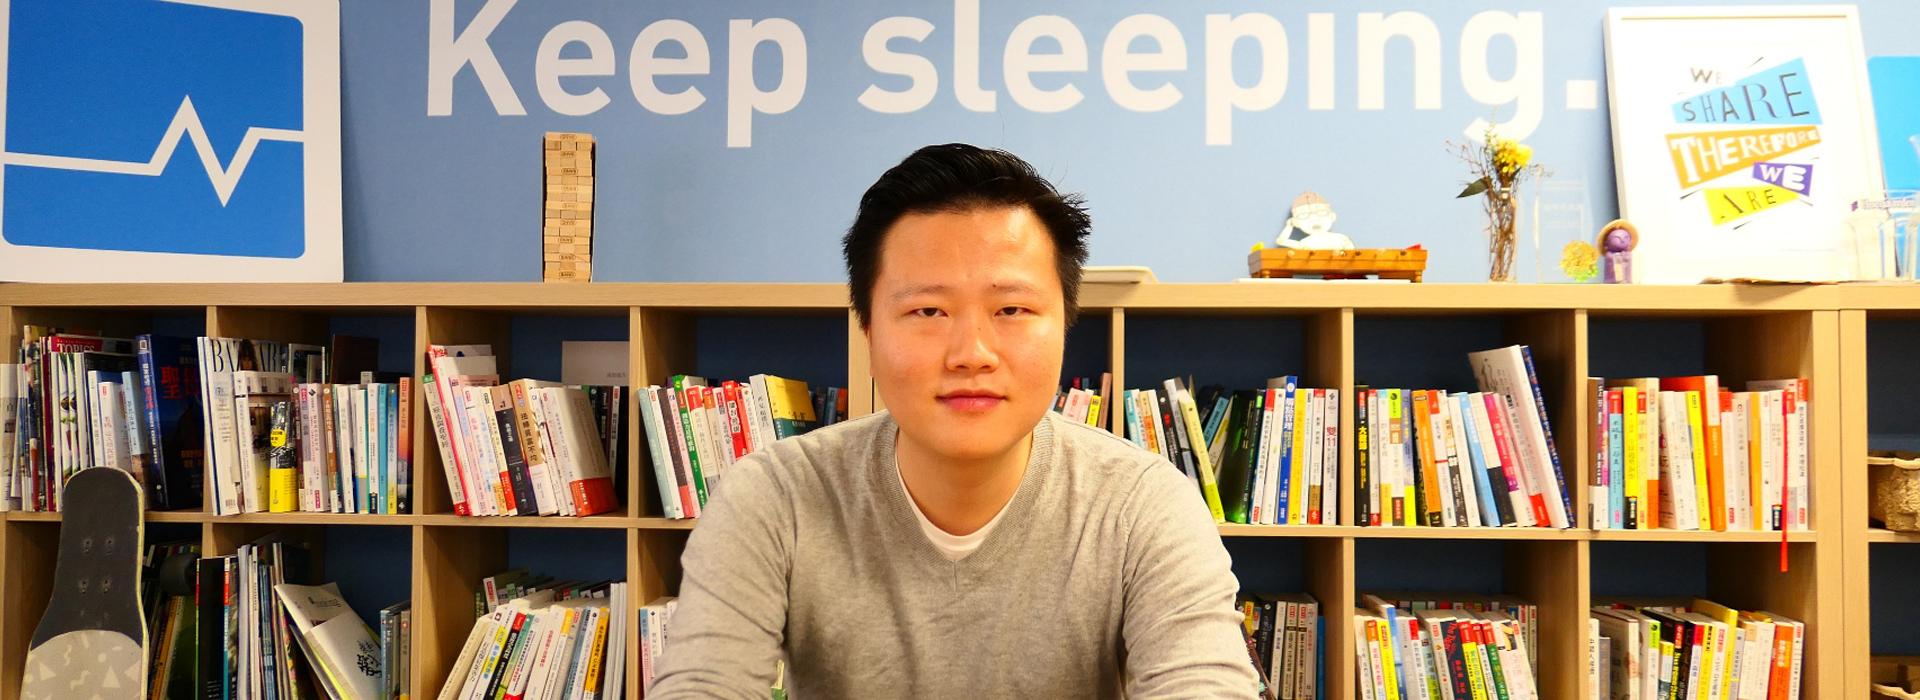 24歲讀MBA、28歲當總經理、30歲創業 他如何用短時間打造黃金履歷